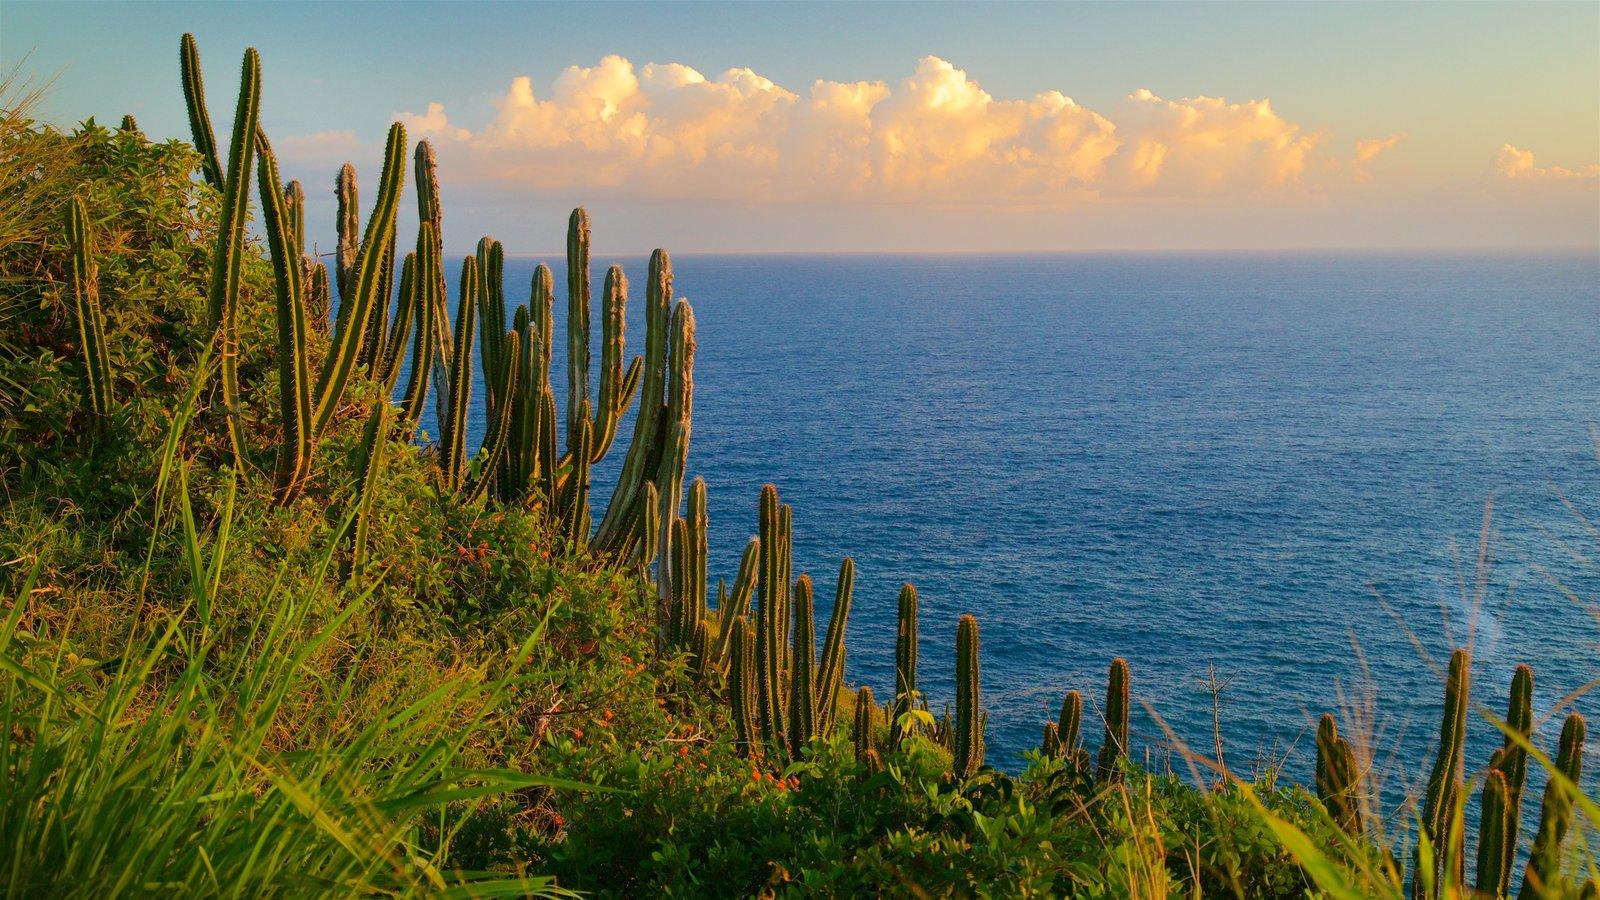 Mirante do Pontal do Atalaia caracterizando um pôr do sol e paisagens litorâneas